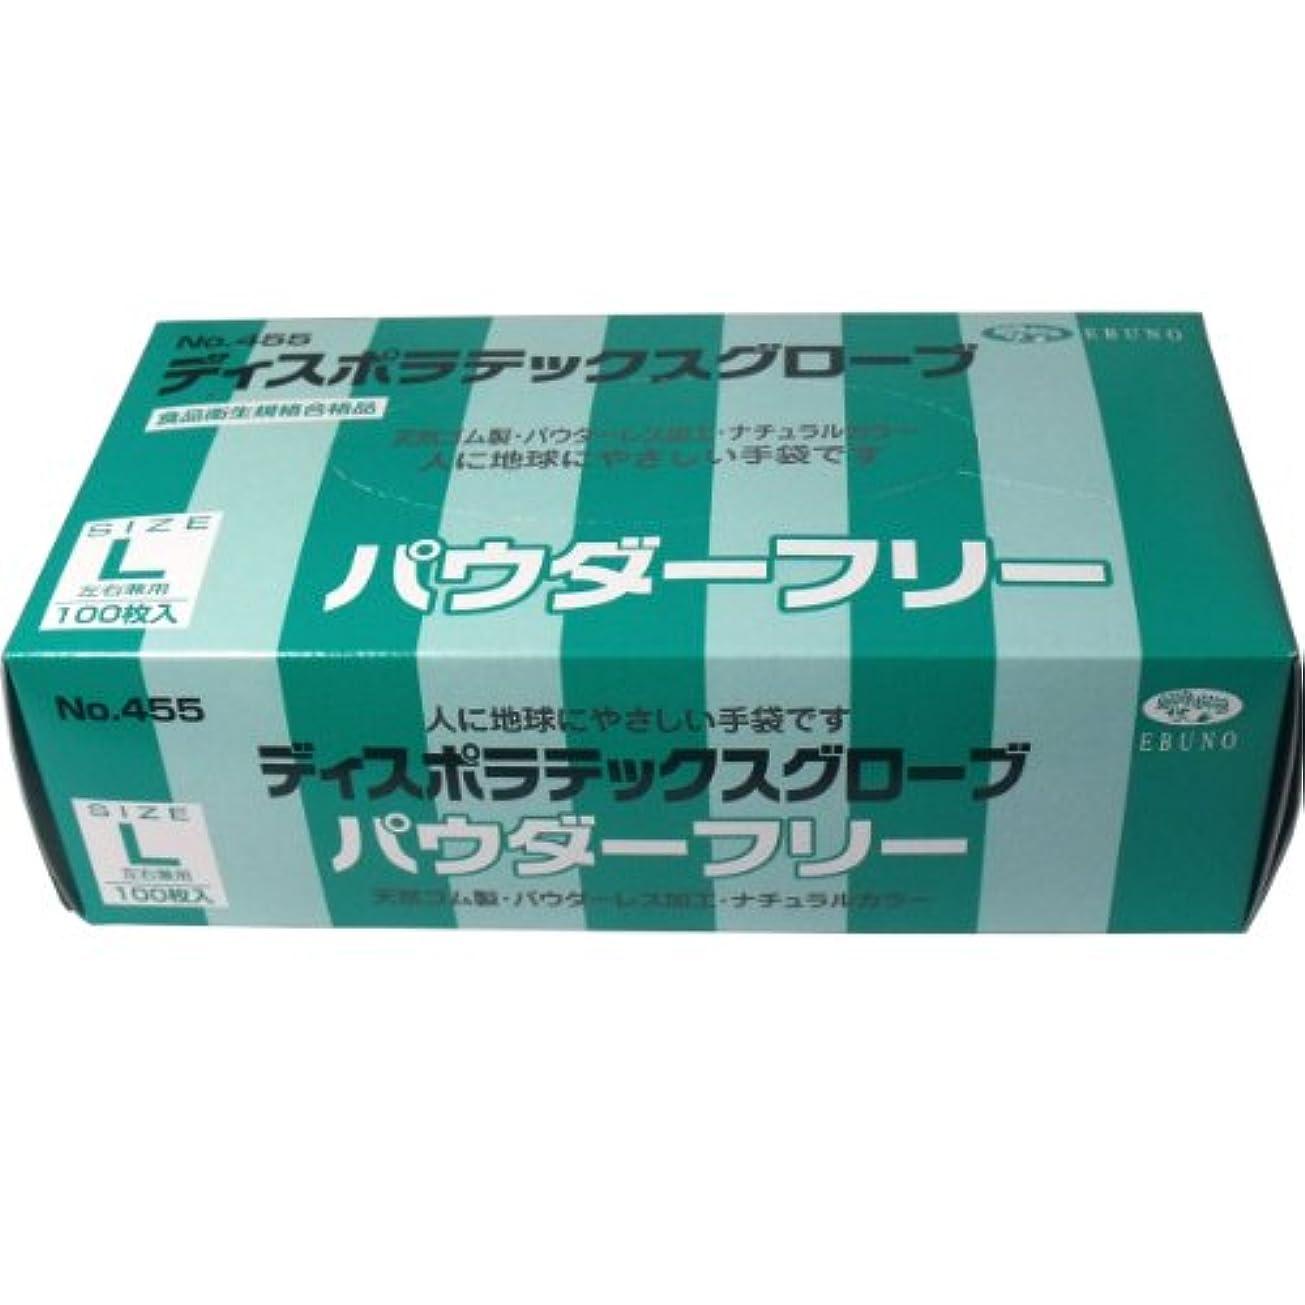 断線提供するブルゴーニュディスポ ラテックスグローブ(天然ゴム手袋) パウダーフリー Lサイズ 100枚入×10個セット